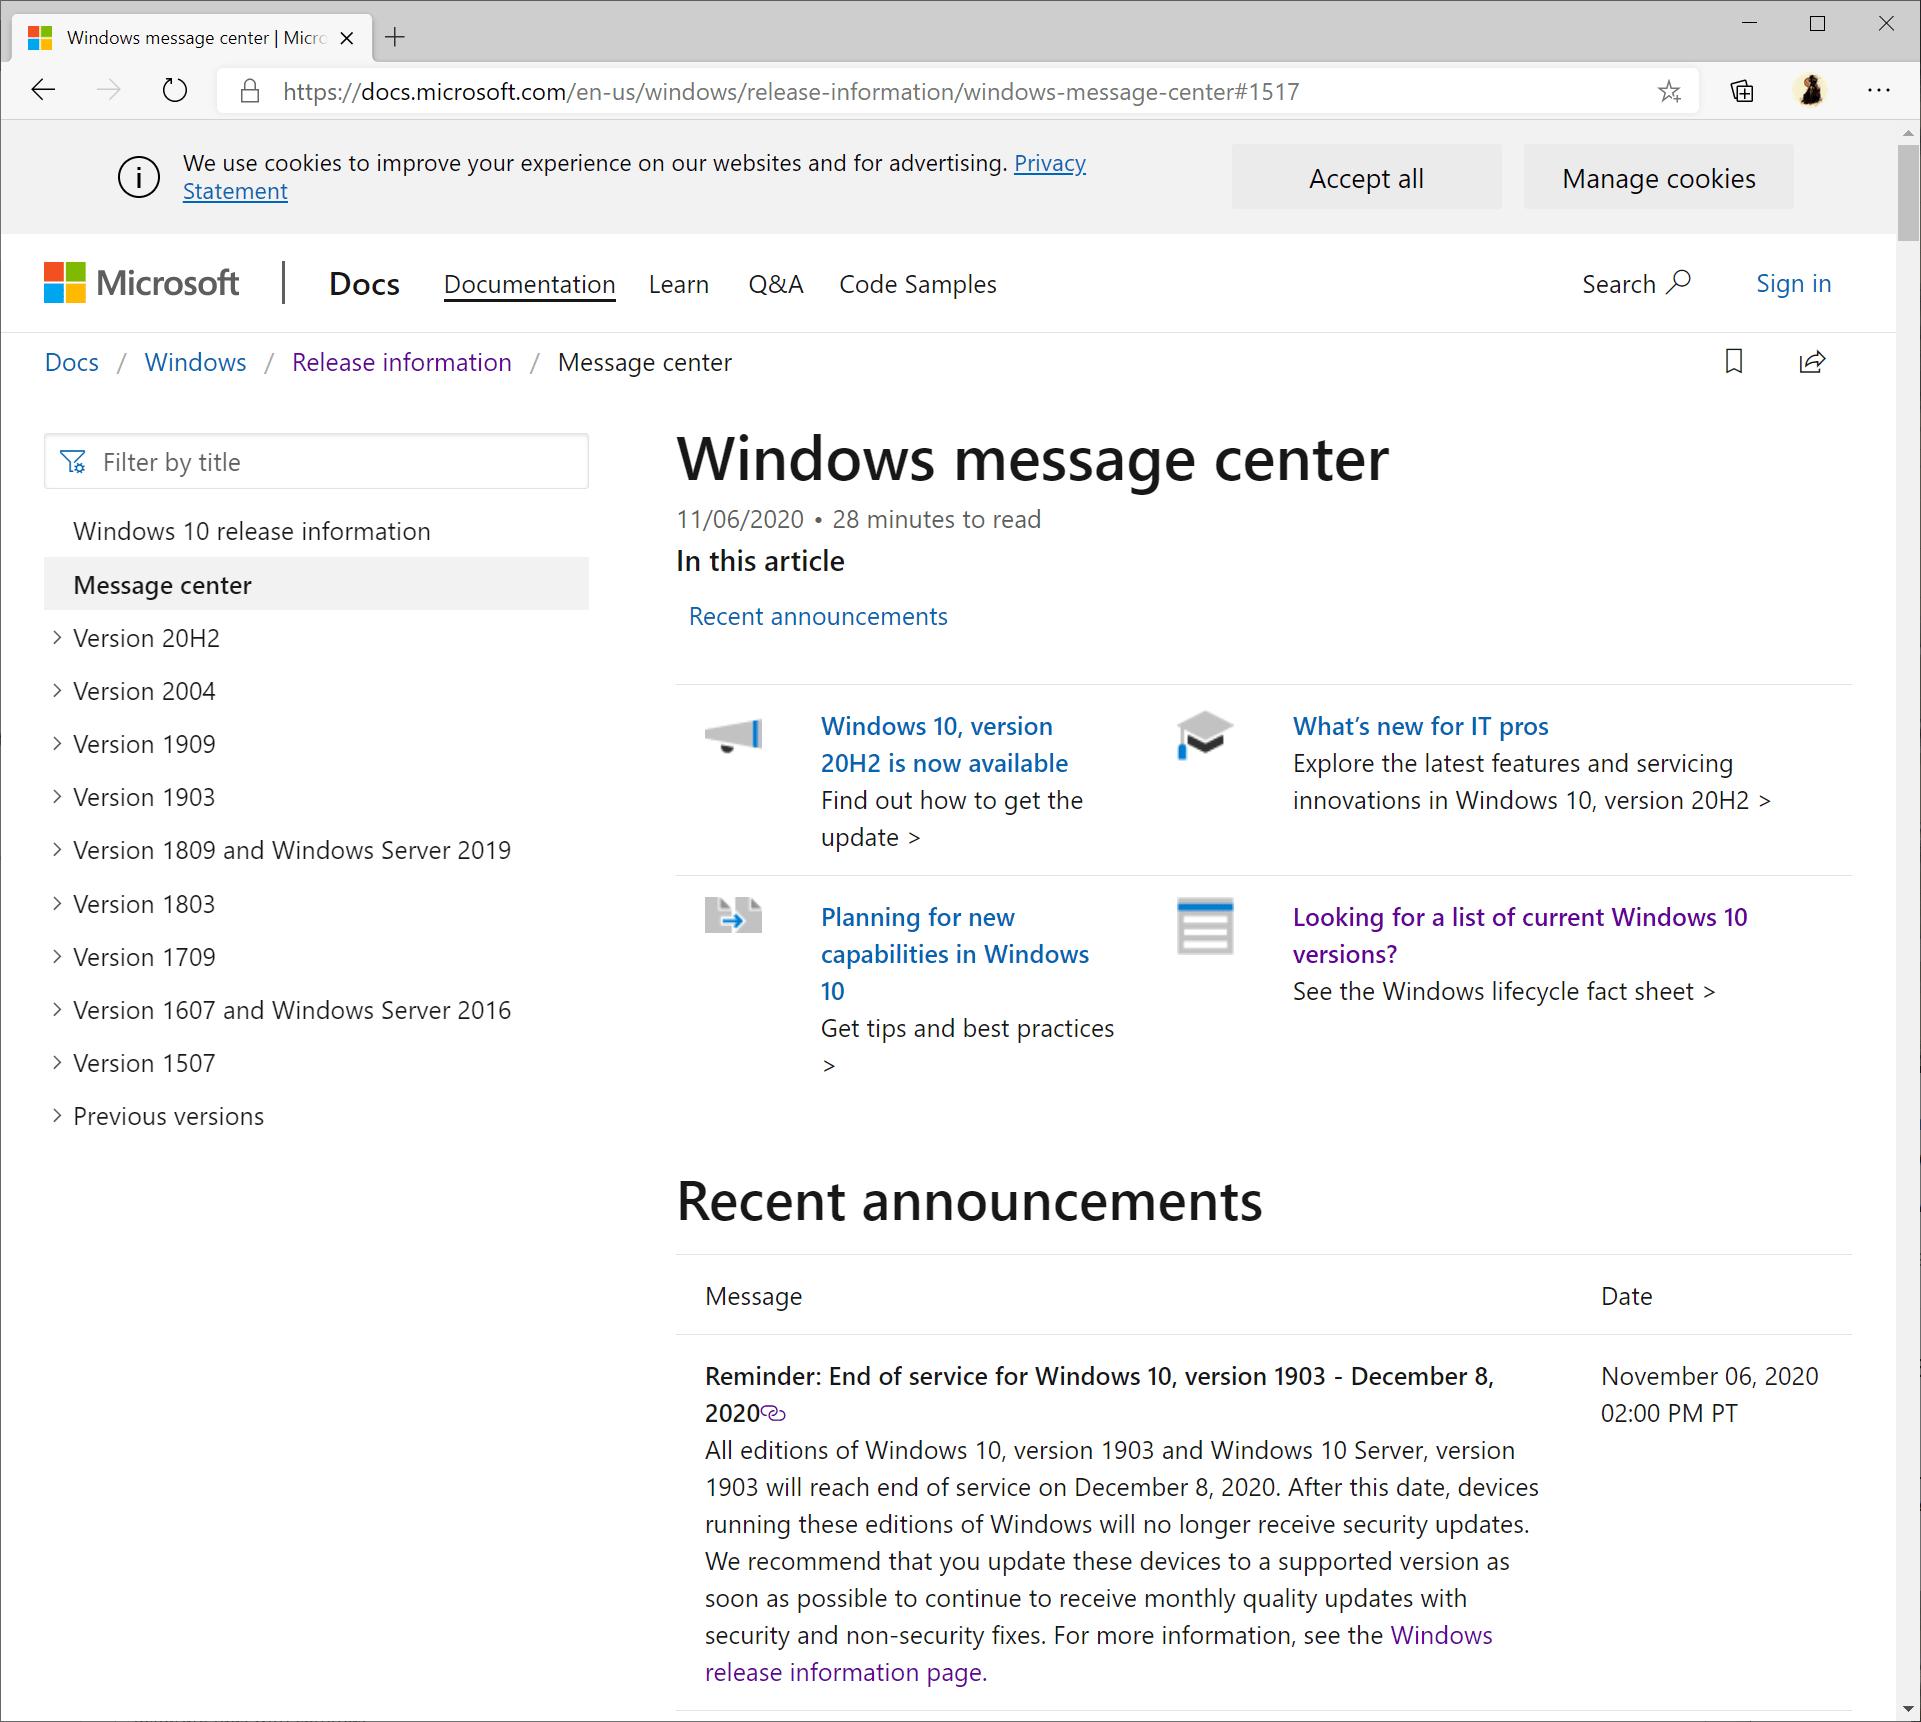 Windows 10 versión 1903 fin del soporte